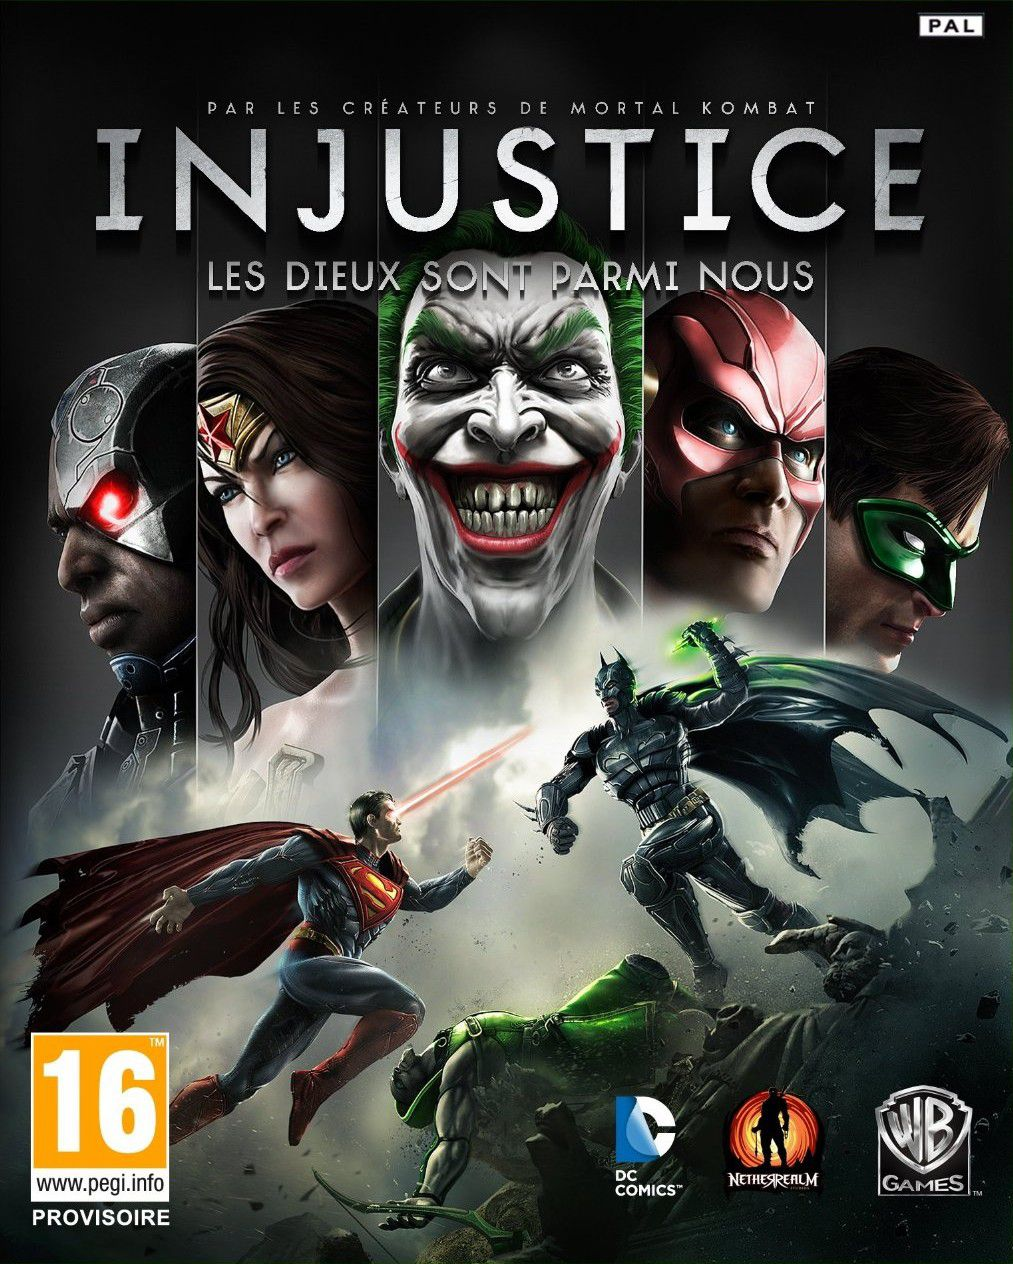 Injustice : Les dieux sont parmi nous